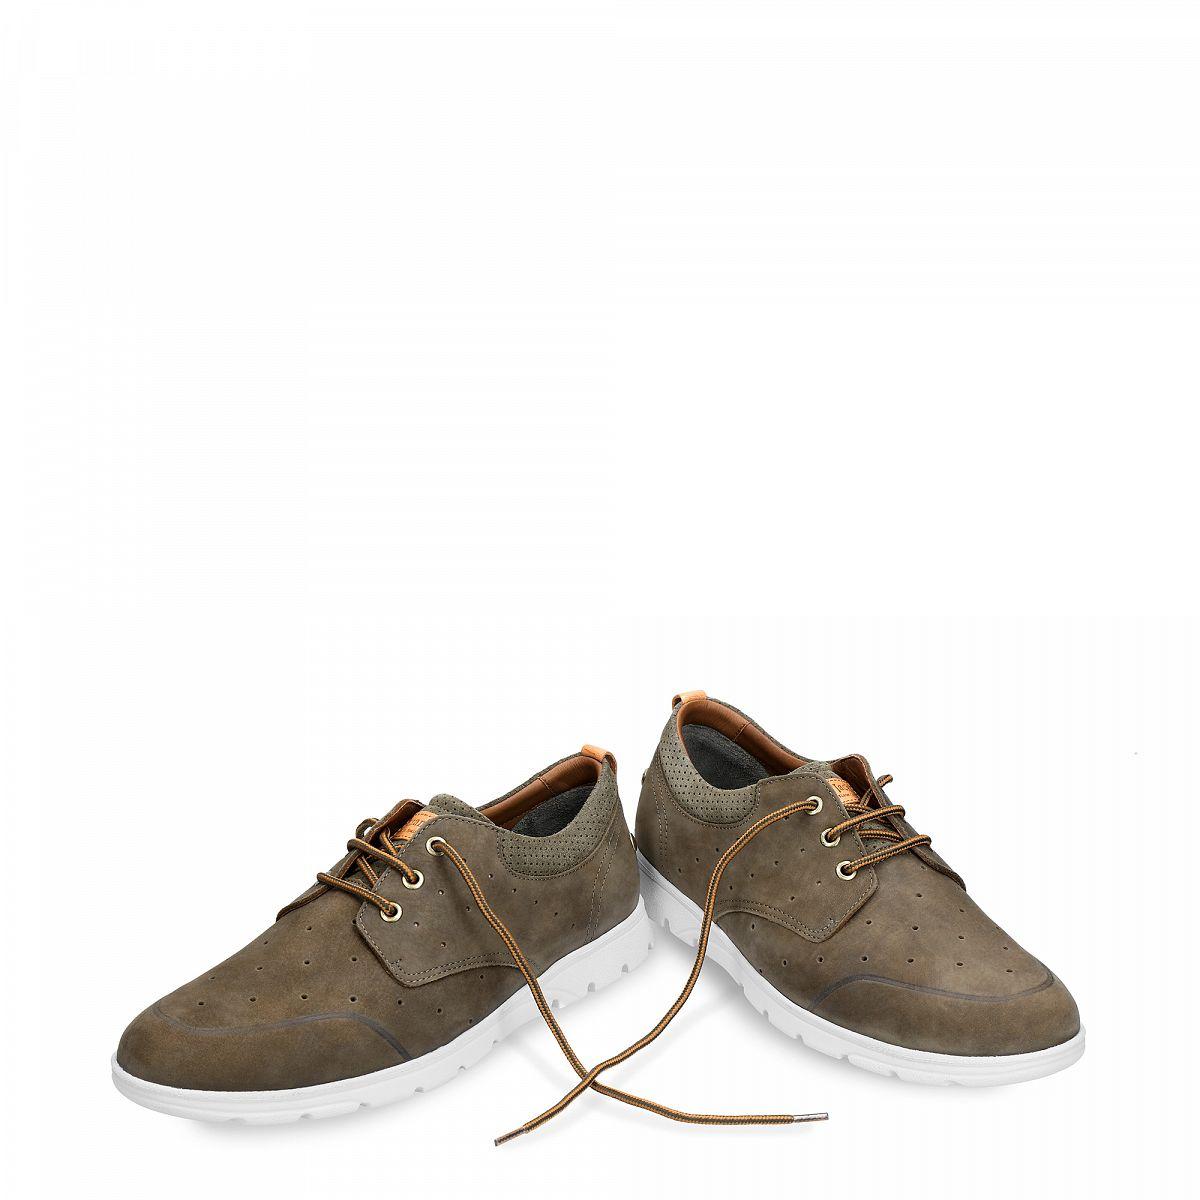 b5f79ec4 Men's shoes DETROIT khaki | PANAMA JACK®